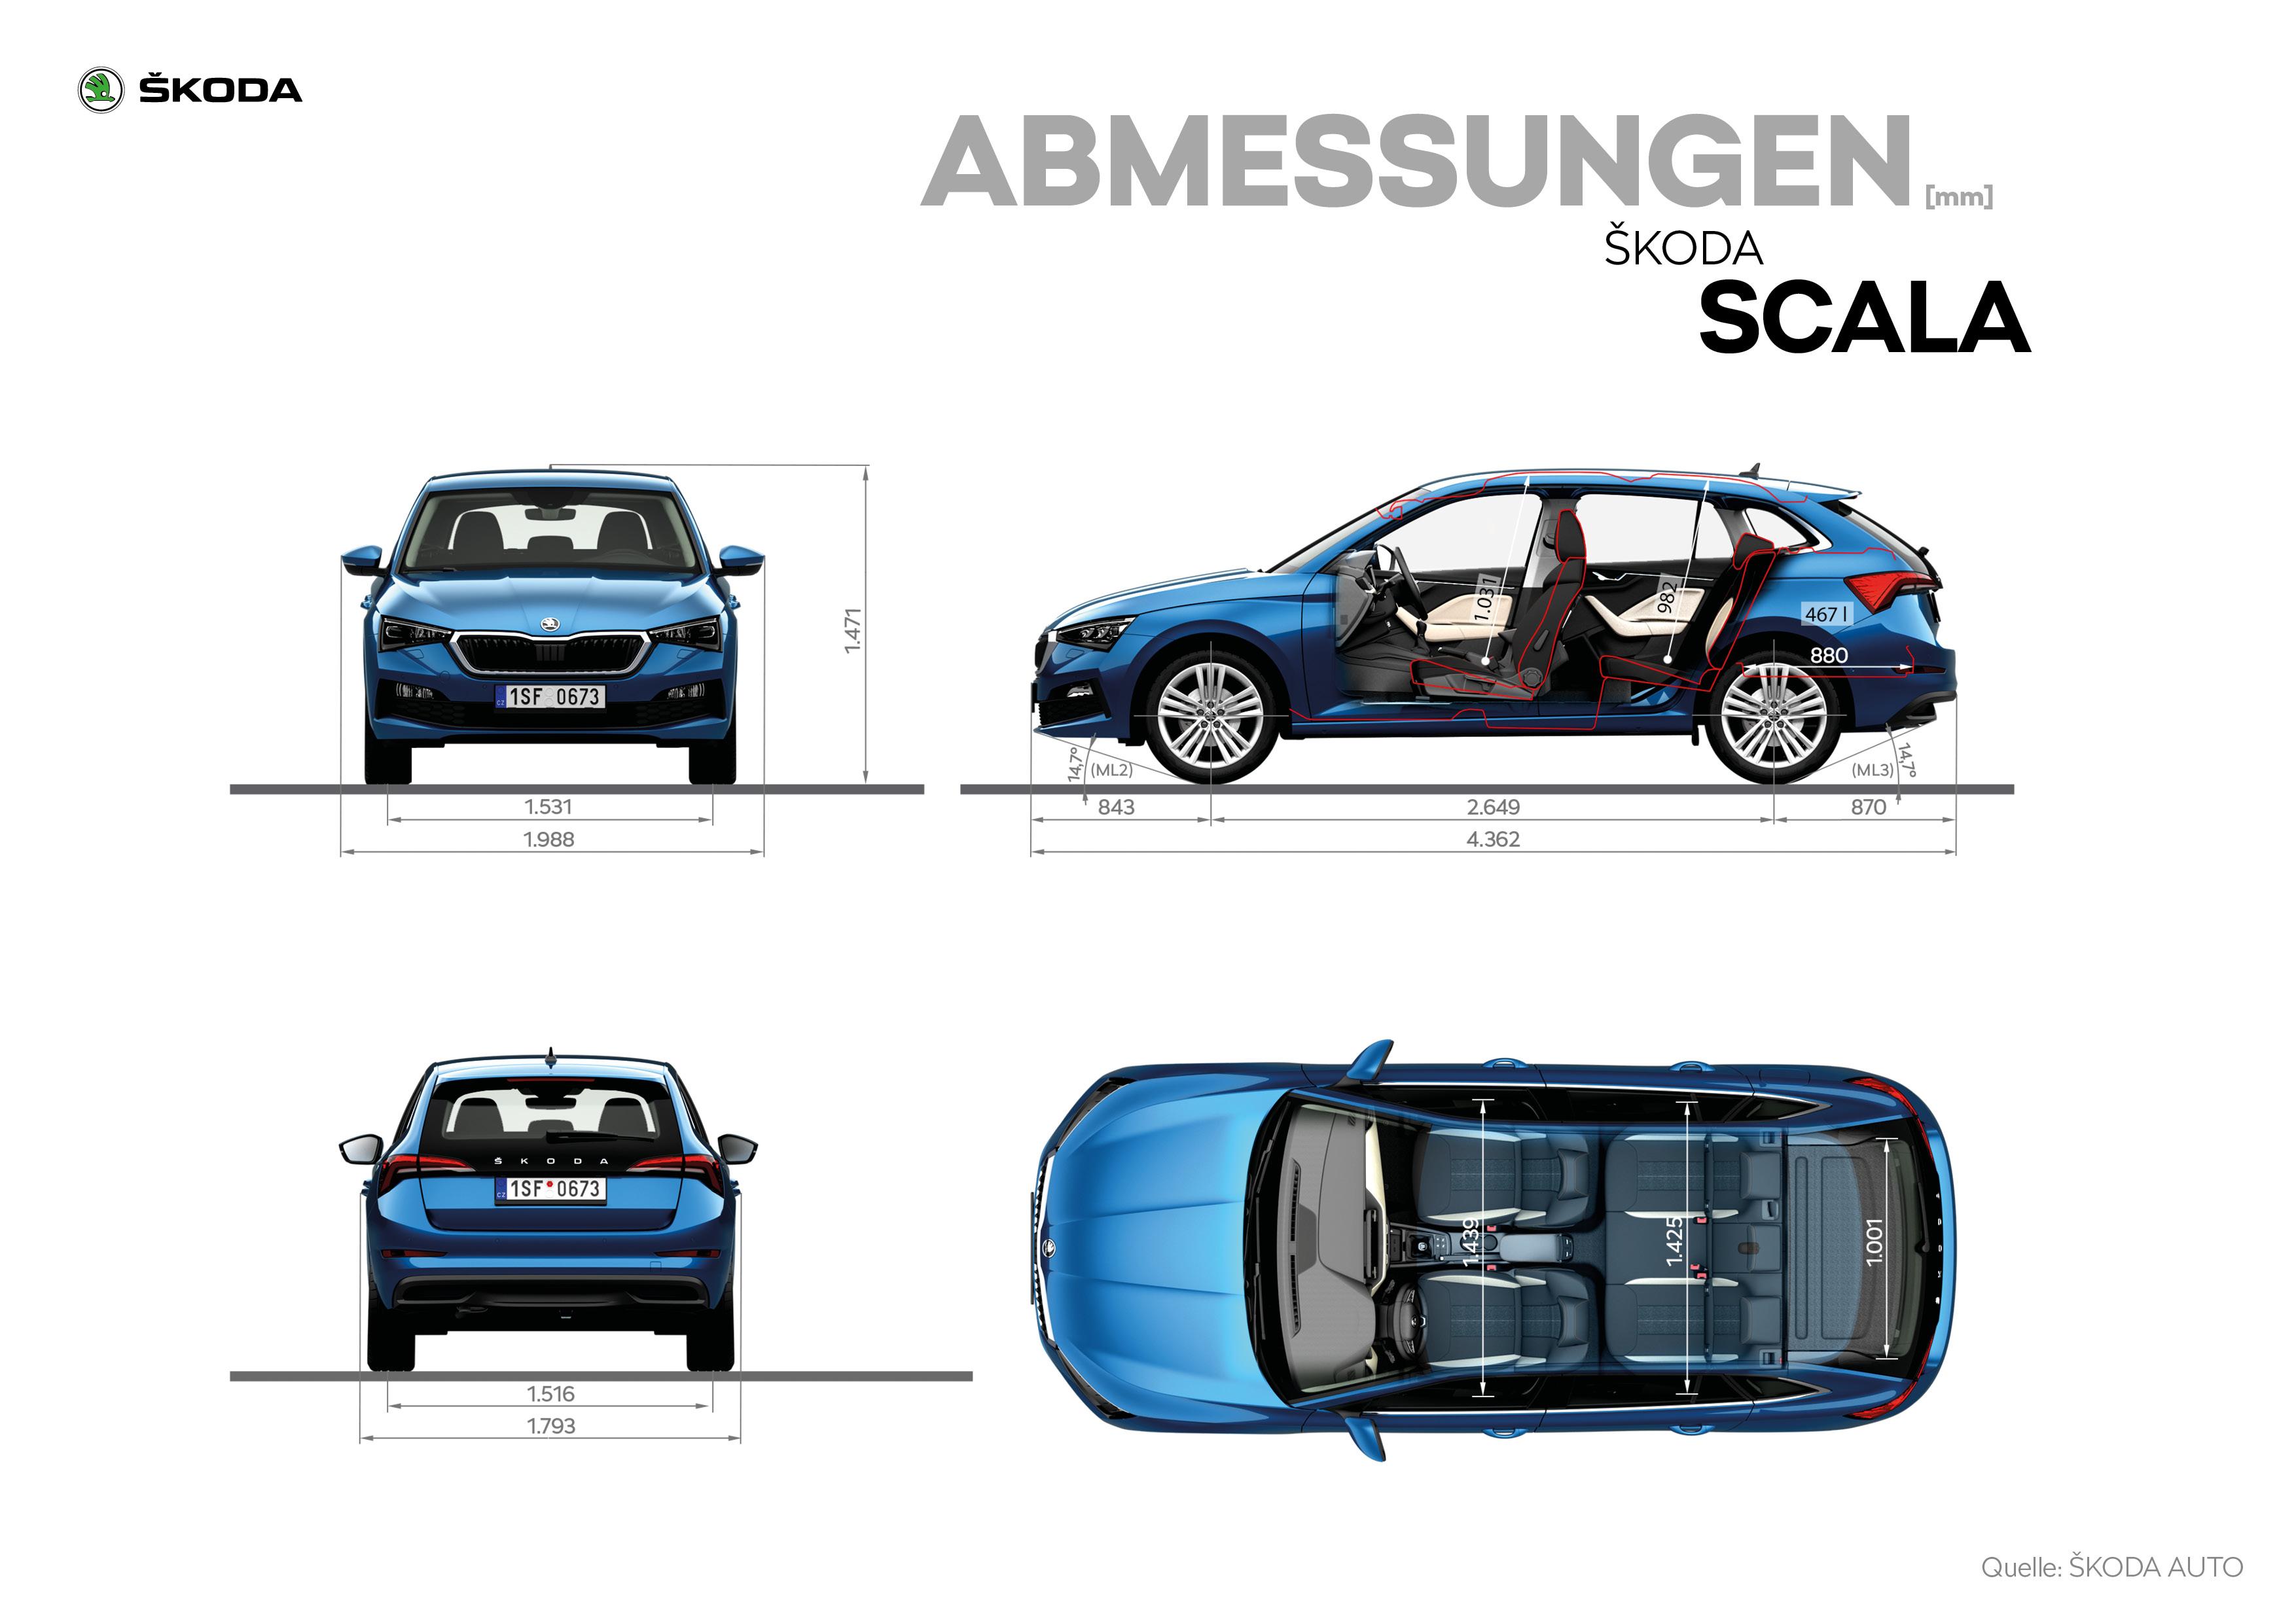 2019 Skoda Scala 525341 Best Quality Free High Resolution Car